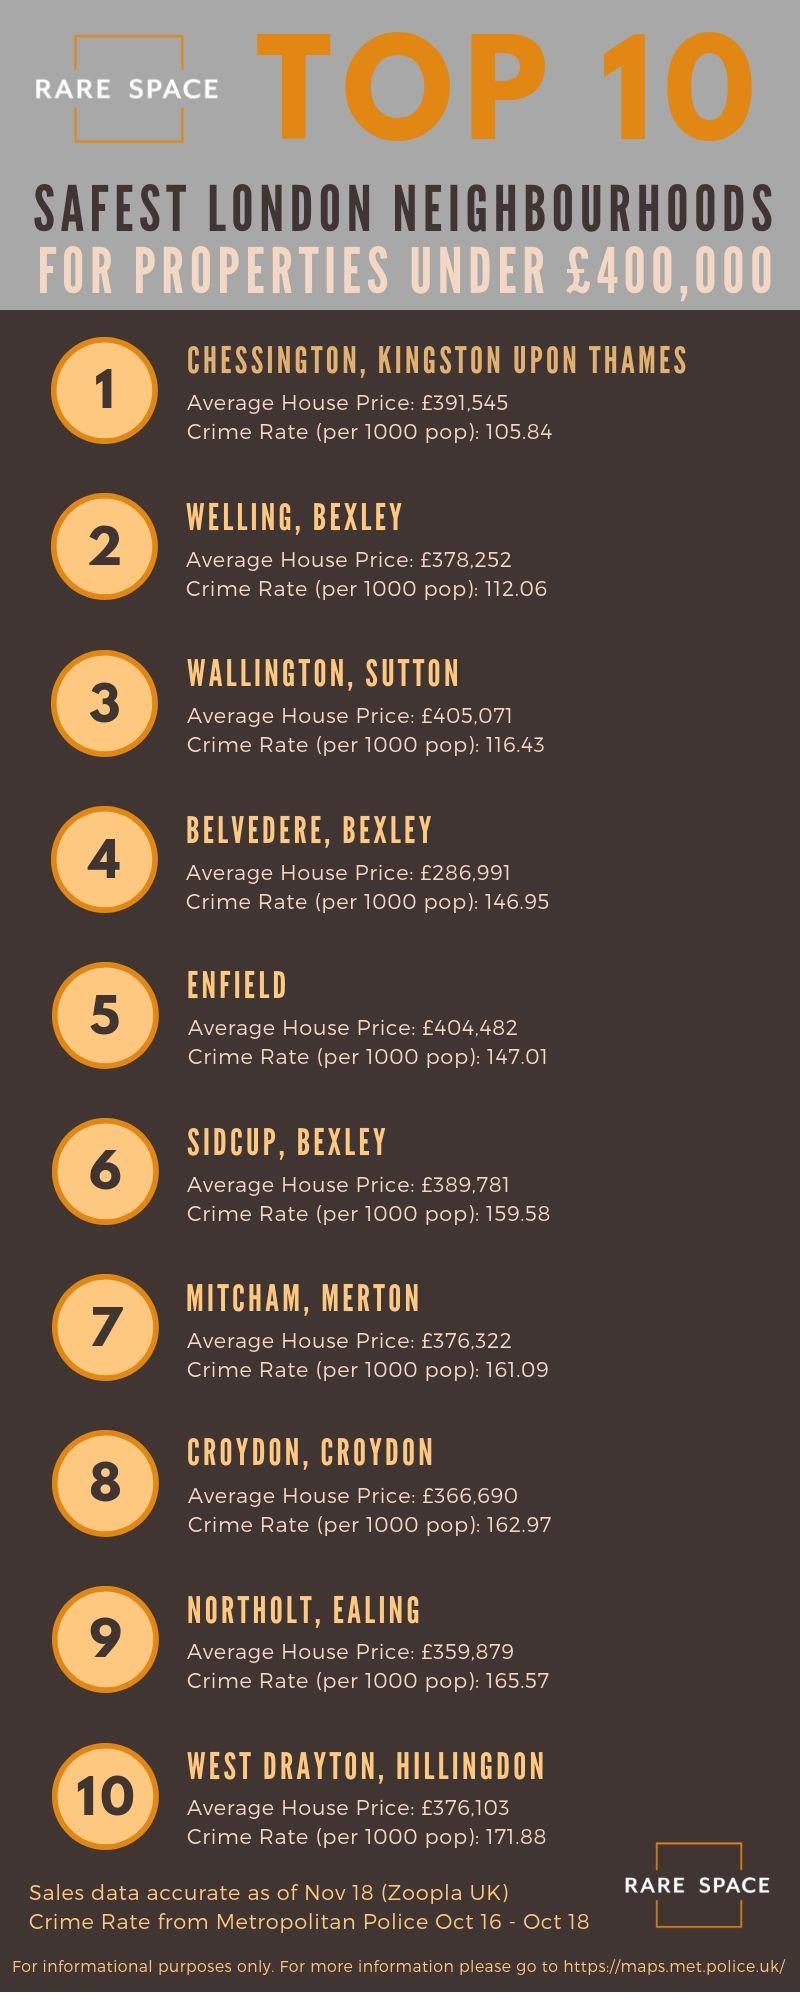 Top-10-Safest-Neighbourhoods-400k-compressor.jpg